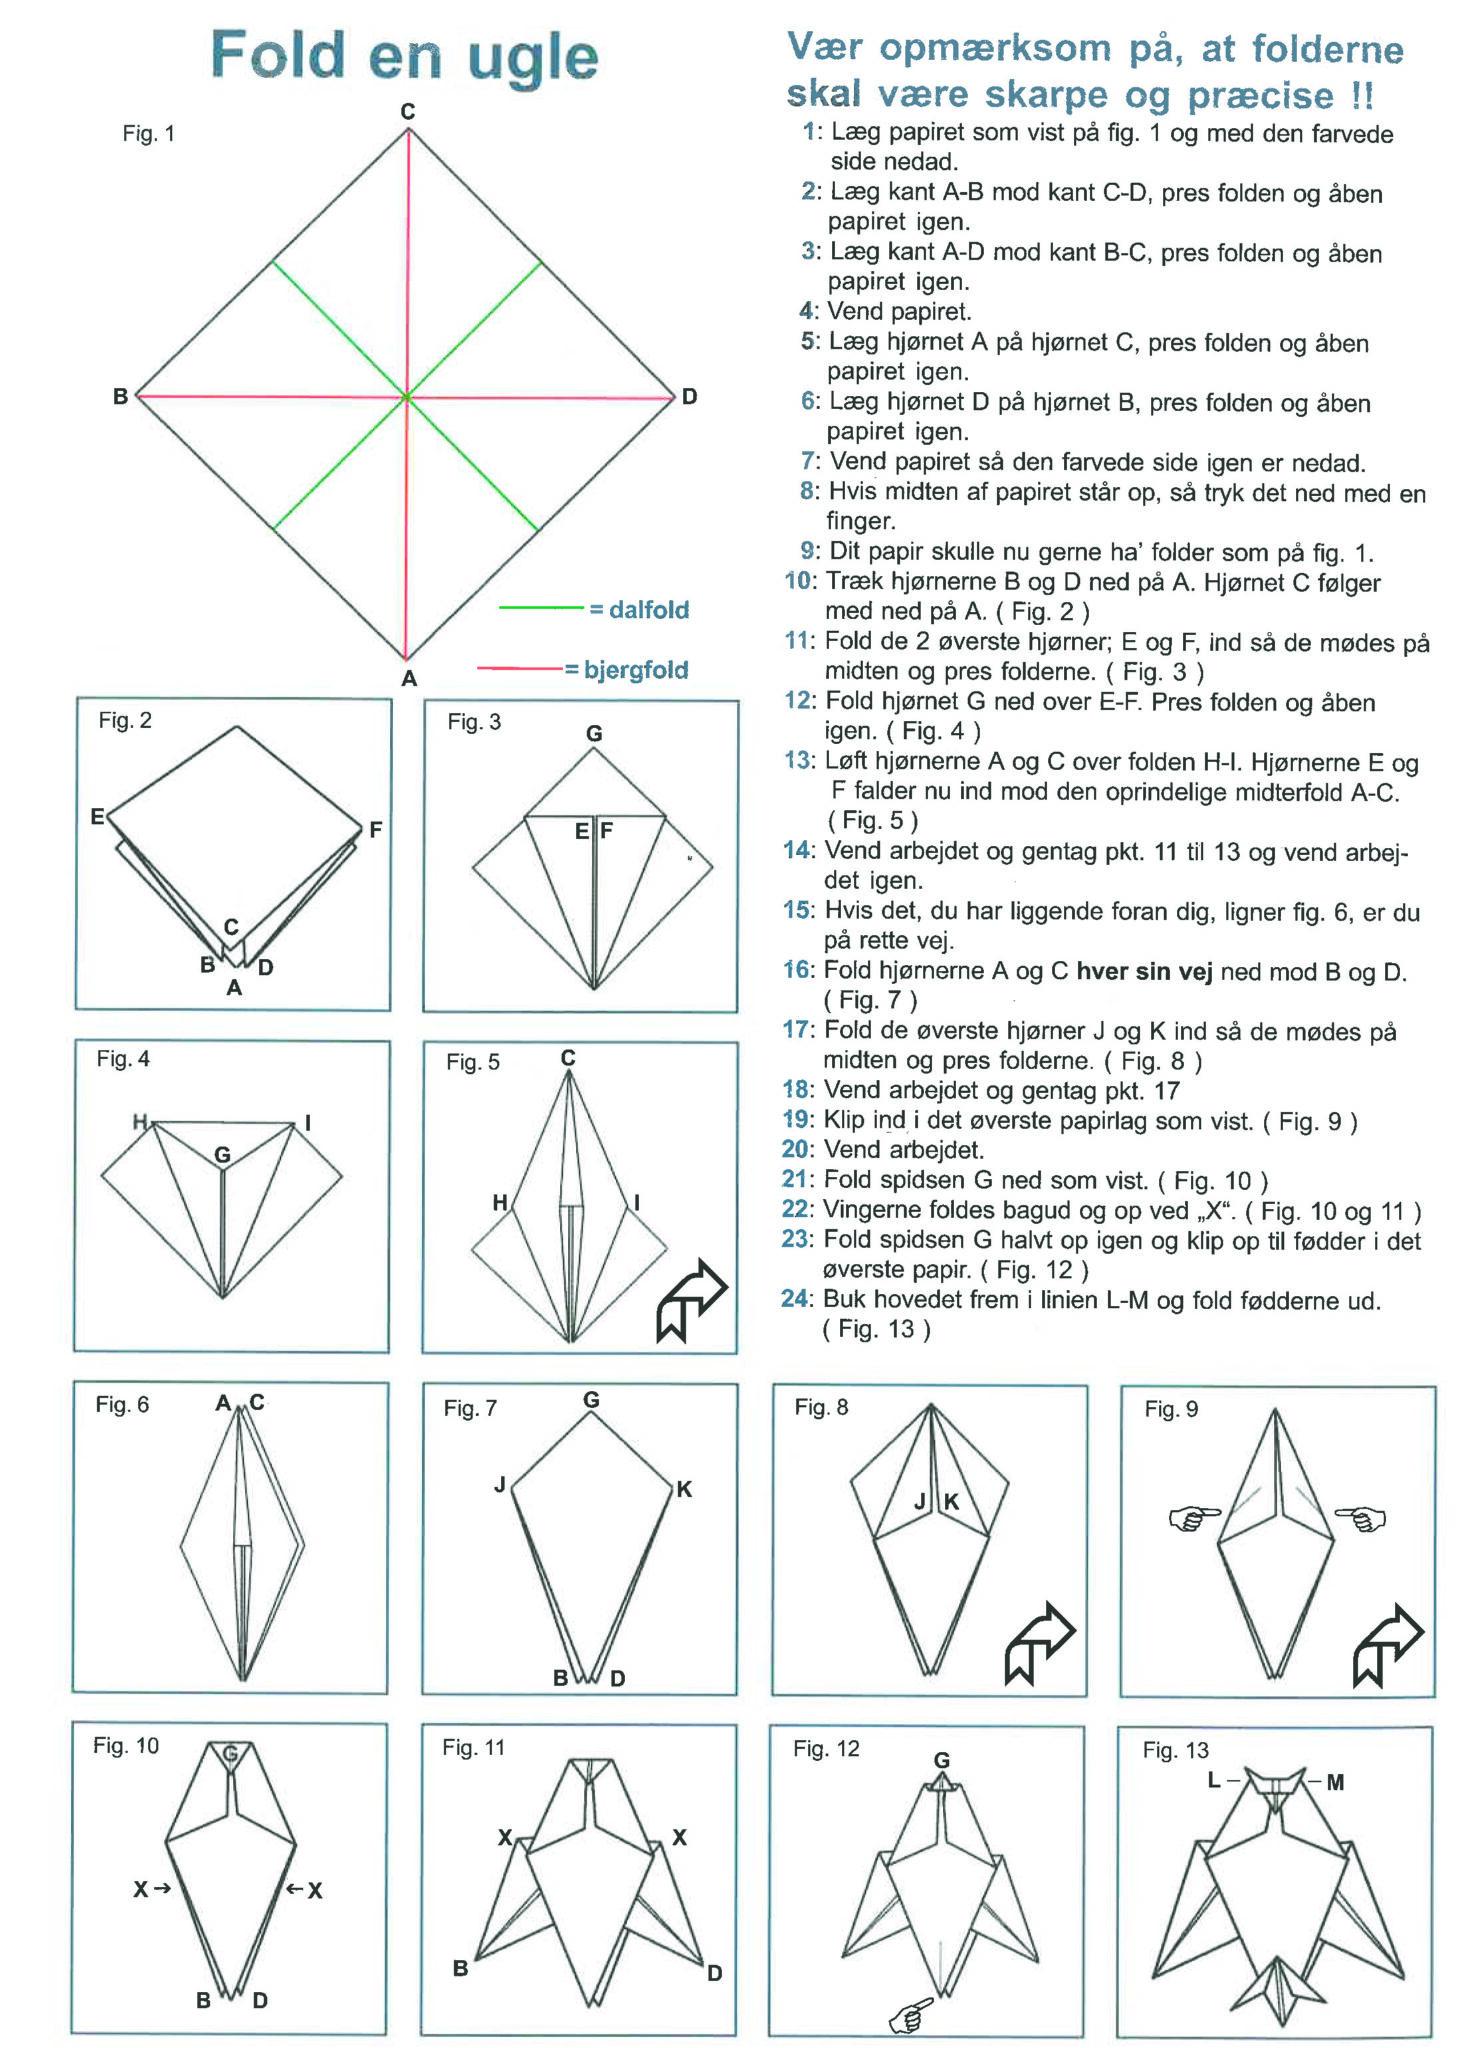 Sådan folder du en papirugle